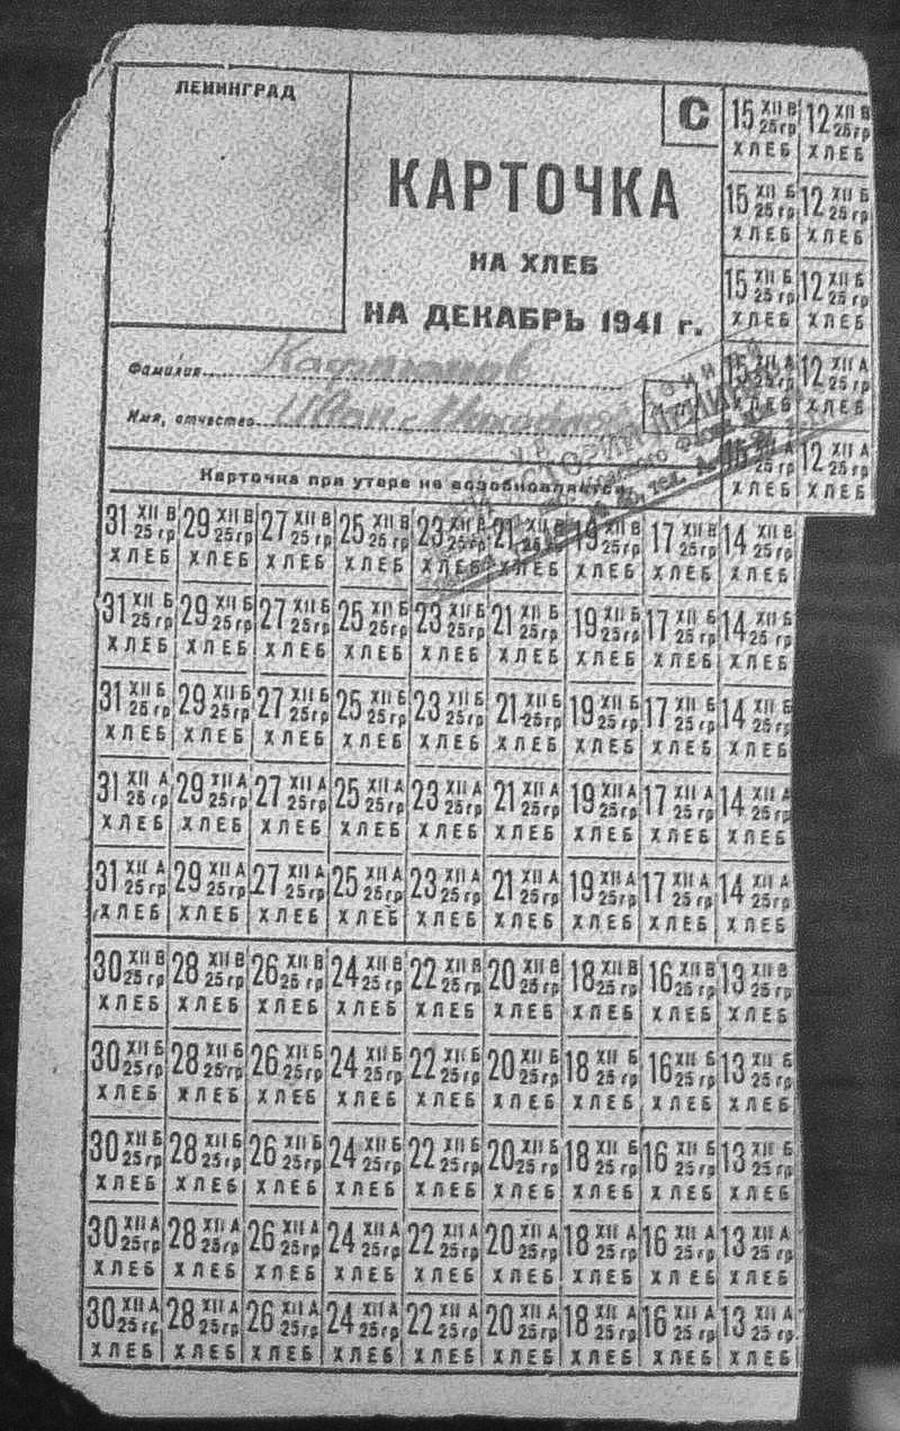 Resultado de imagem para Cupons usados para receber pão, em dezembro de 1941